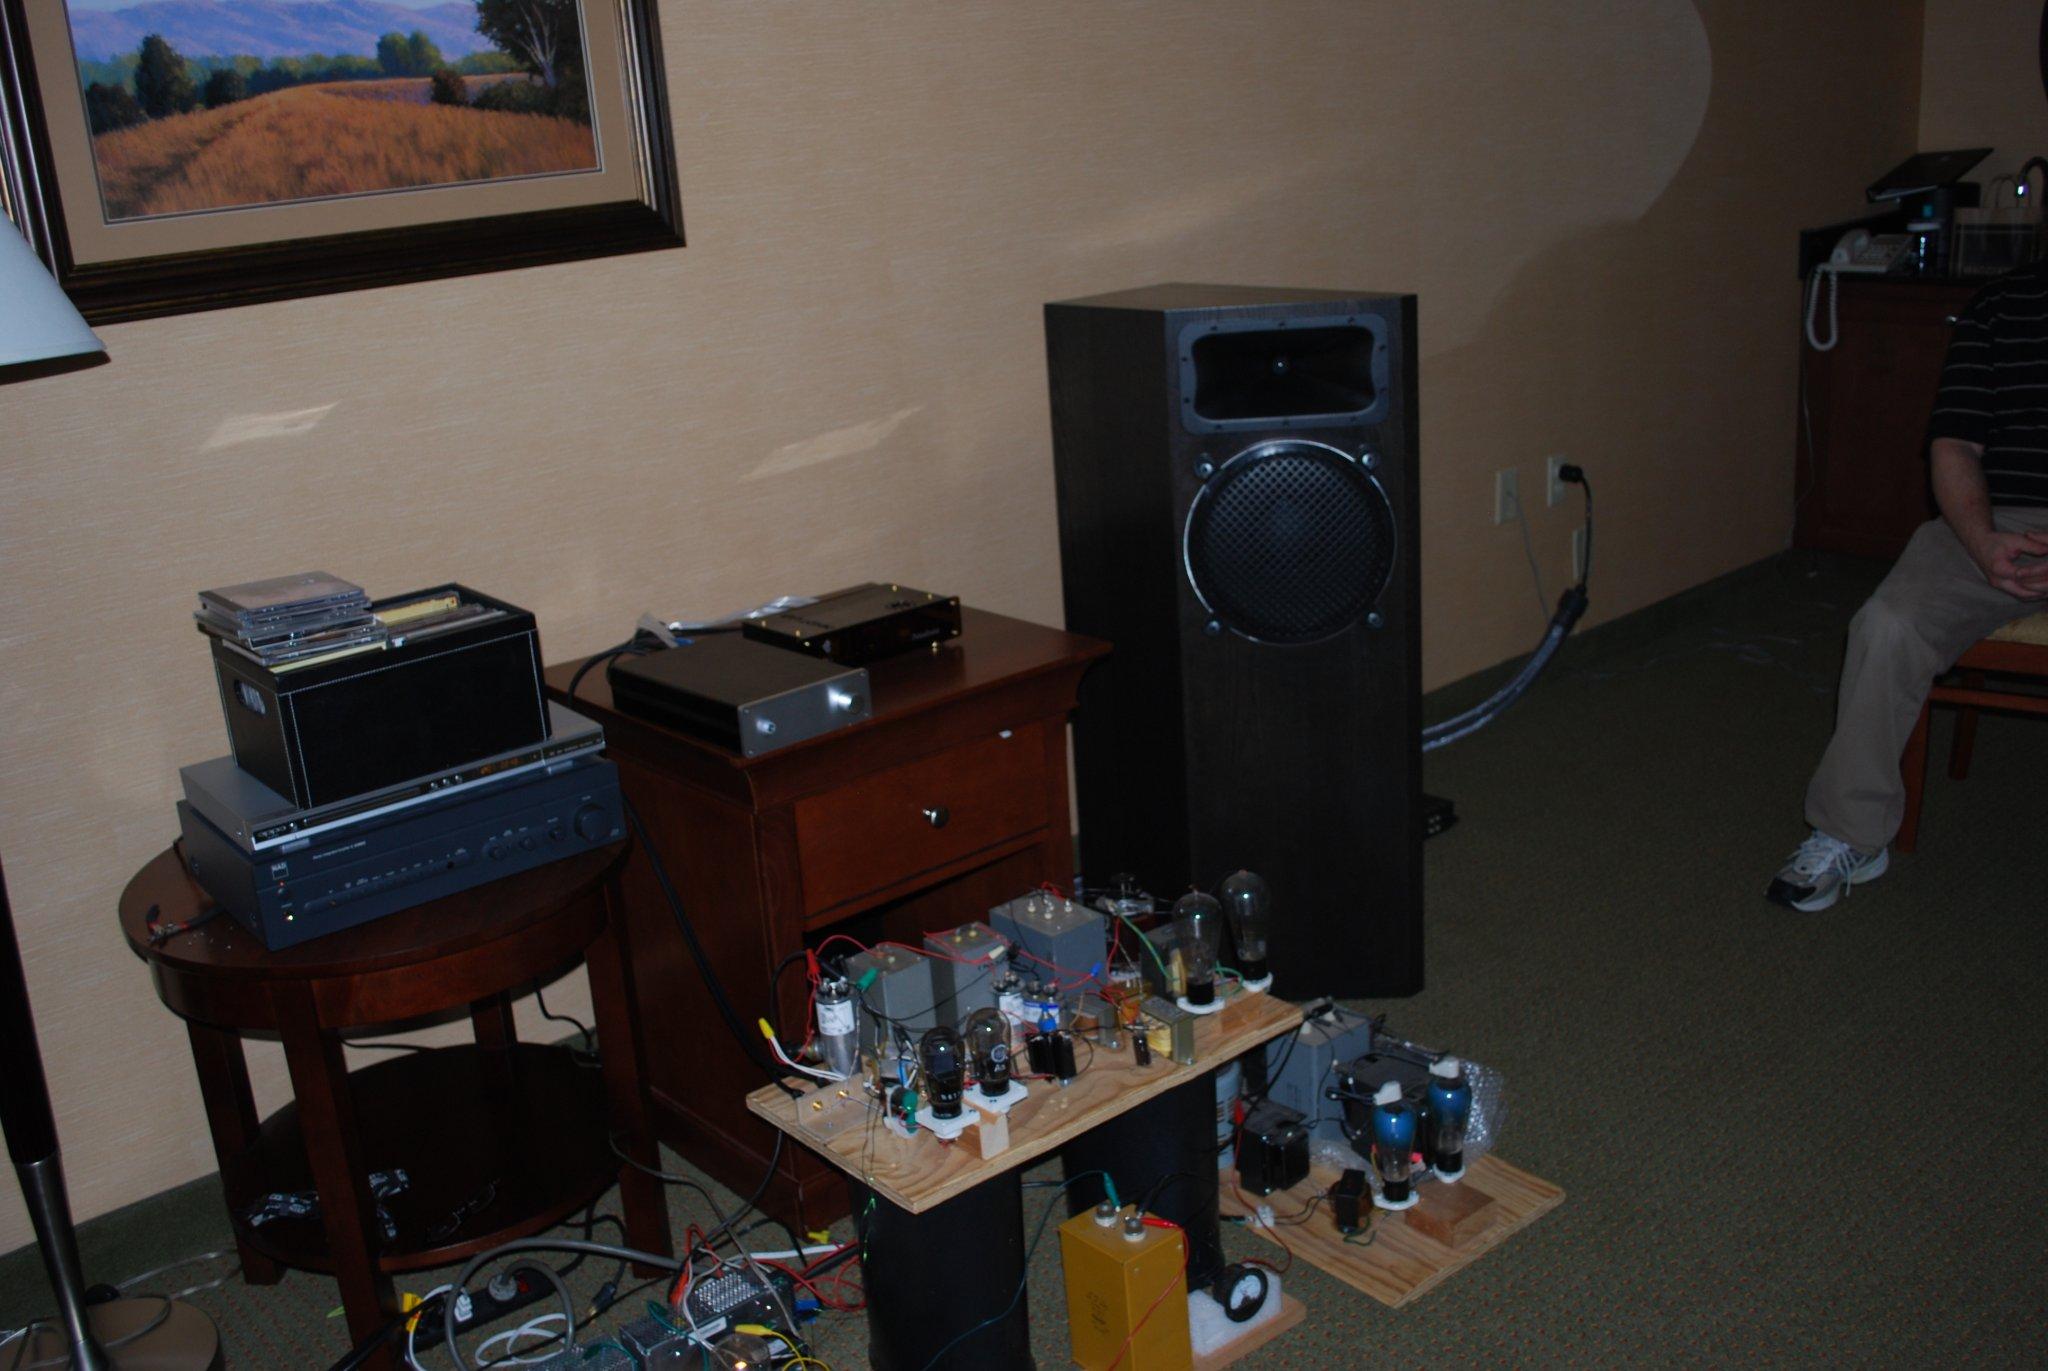 http://lonestaraudiofest.com/2010/Photos/Dsc_0072.jpg